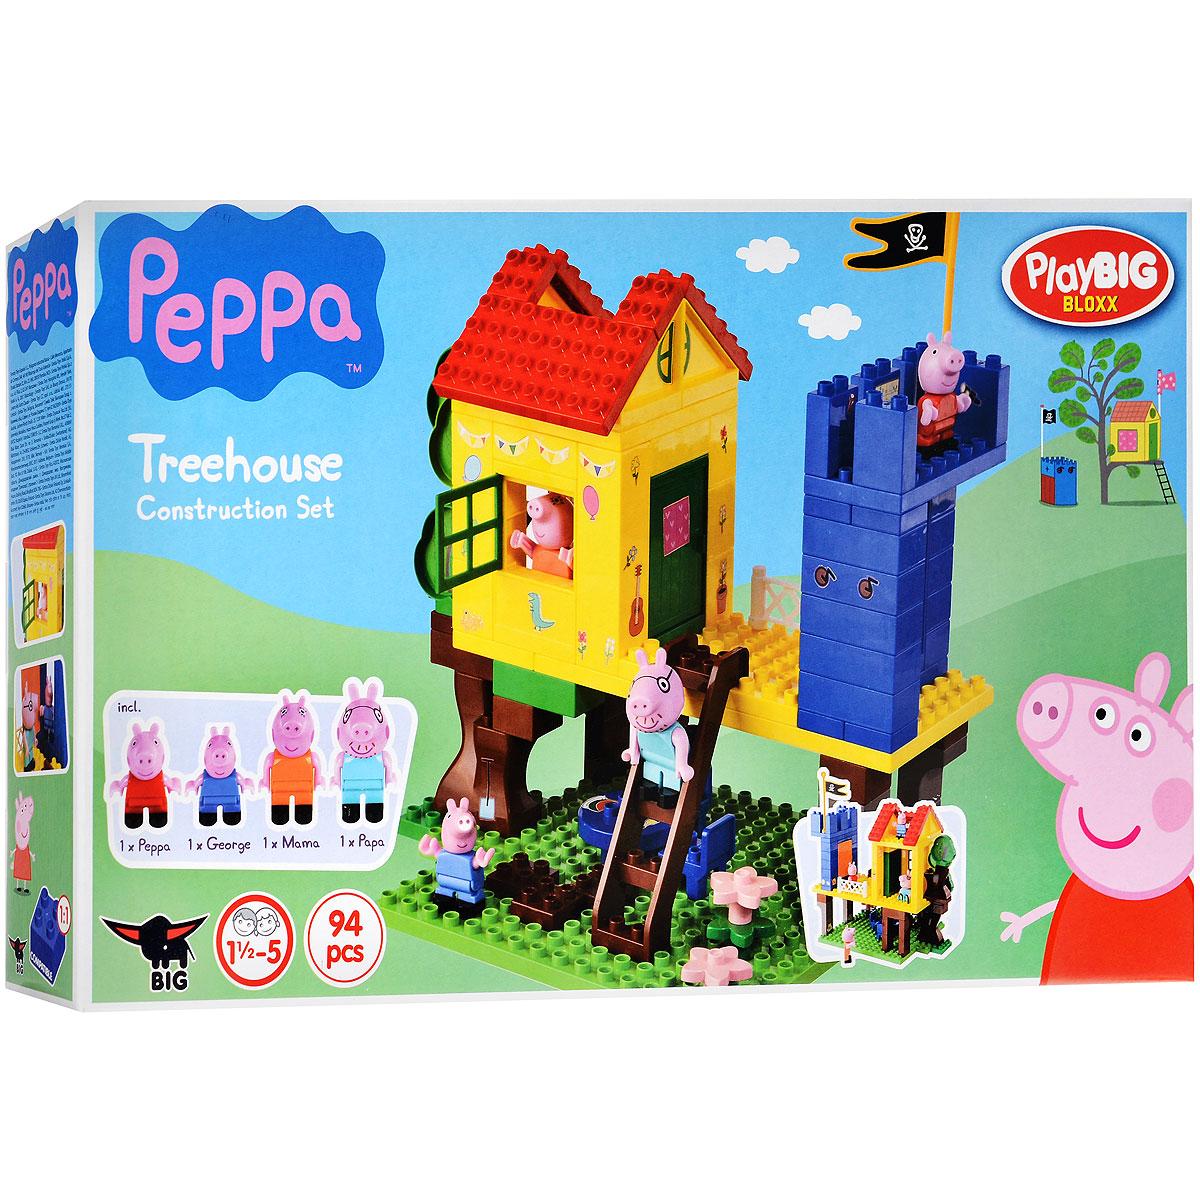 Peppa Pig Конструктор Дом на дереве57077Конструктор Play Big Peppa Pig. Дом на дереве обязательно порадует поклонников всемирно известного британского мультика Свинка Пеппа. Вместе с младшим братиком Джорджем Пеппа обожает проводить все свое свободное время в домике на дереве, устраивая подвижные игры. Иногда к ним присоединяется даже мама с папой и тогда начинается настоящее веселье, ведь интереснее всего играть всей семьей. Зеленую лужайку, на которой Пеппа с братиком так любят играть в салочки, можно украсить яркими розовыми цветочками. Кроме того, на домике располагается мачта с пиратским флагом, словно на настоящем корабле, с ее вершины очень удобно осматривать окрестности. Красочный конструктор отлично развивает воображение ребенка, его логику и инженерное мышление, мелкую моторику. Набор содержит 94 детали, в том числе фигурки Пеппы, Джорджа, Папы и Мамы. Рекомендуемый возраст: от 18 месяцев.